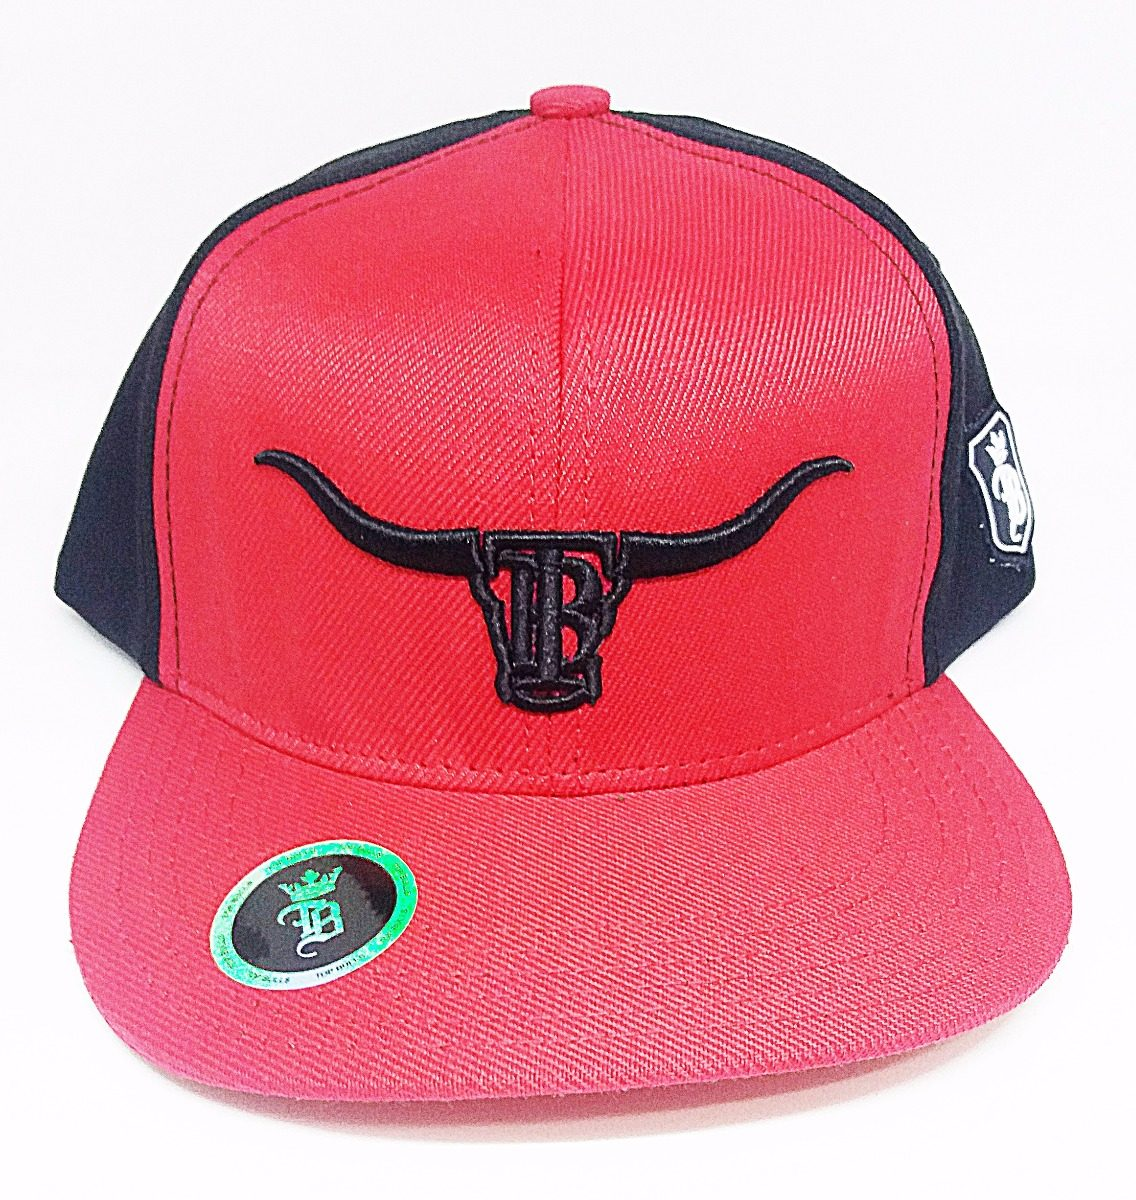 boné country vermelho com preto touro bordado top bulls. Carregando zoom. 305abd7a206